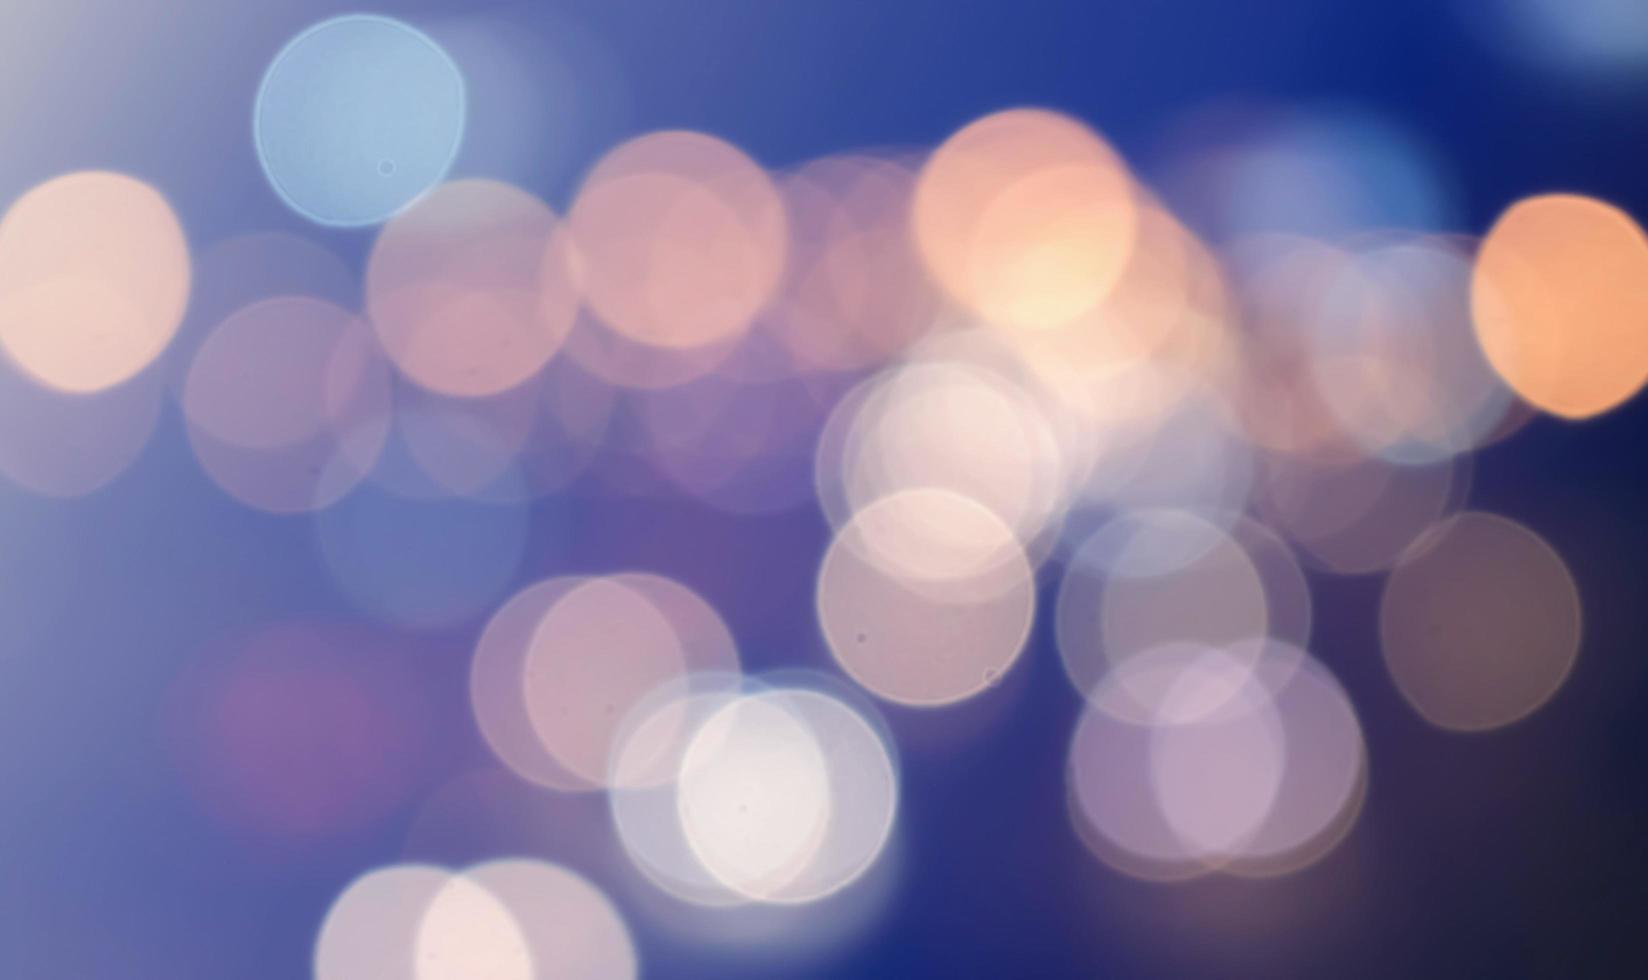 lumière circulaire bokeh, scintillement des feux de signalisation étincelants photo